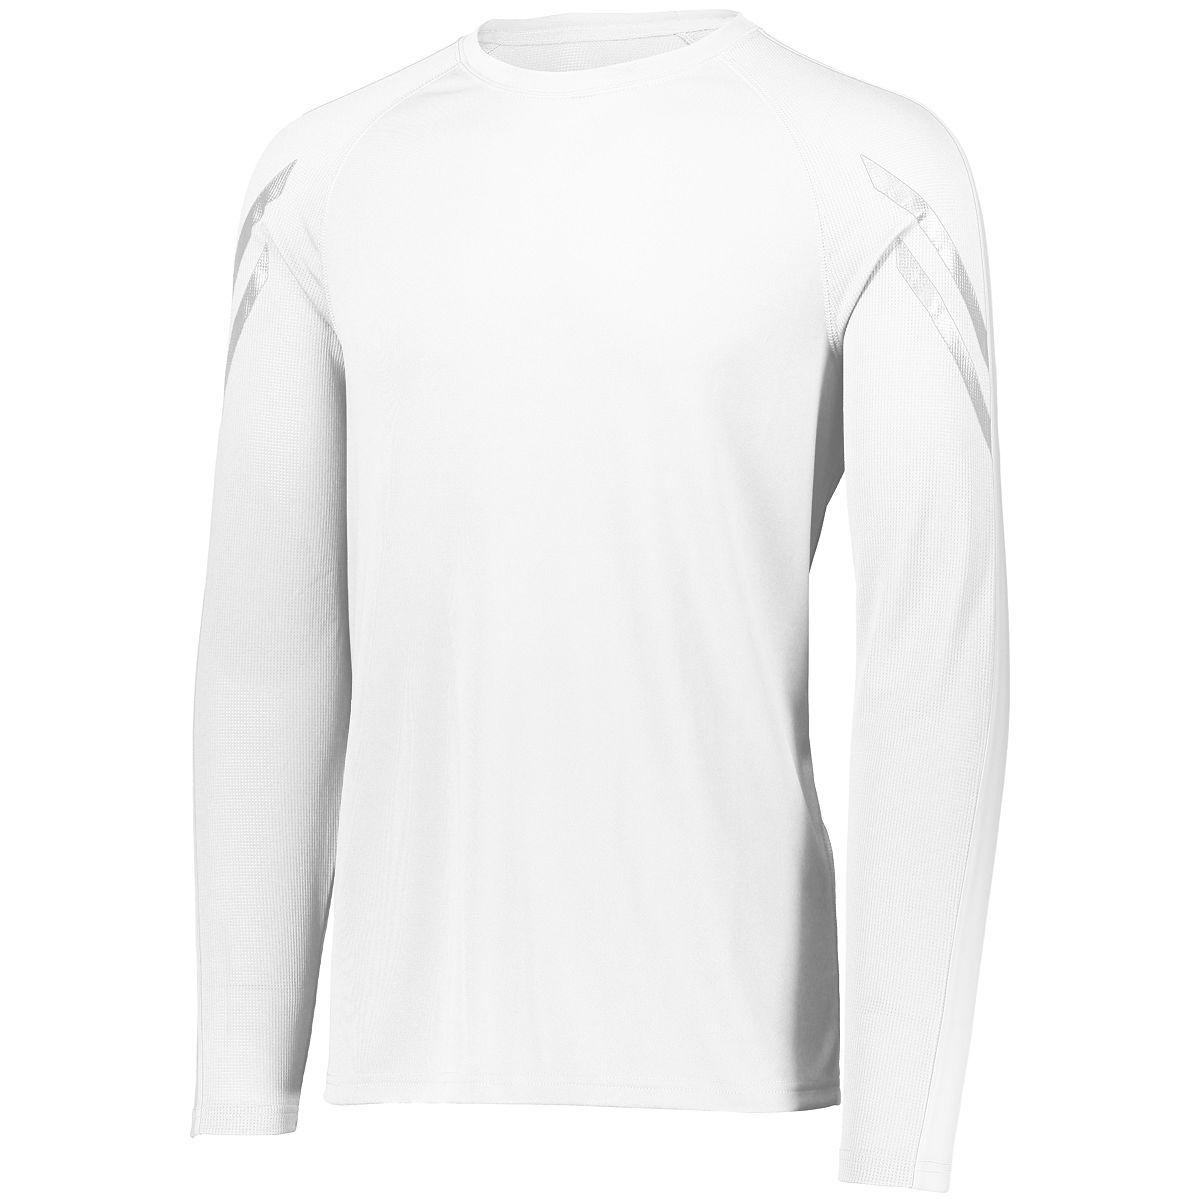 Holloway Youth Flux Shirt L/S White M - image 1 de 1